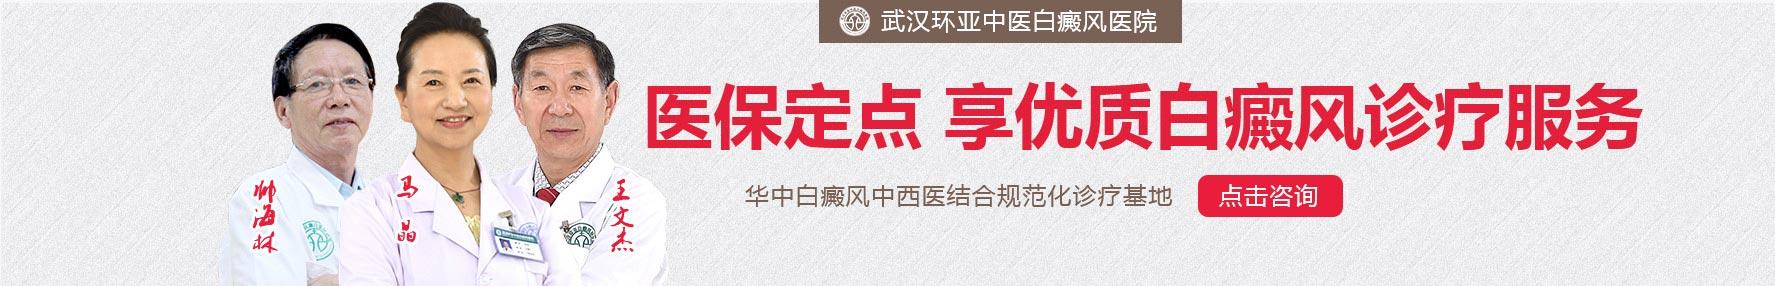 武汉治疗白癜风效果好的医院